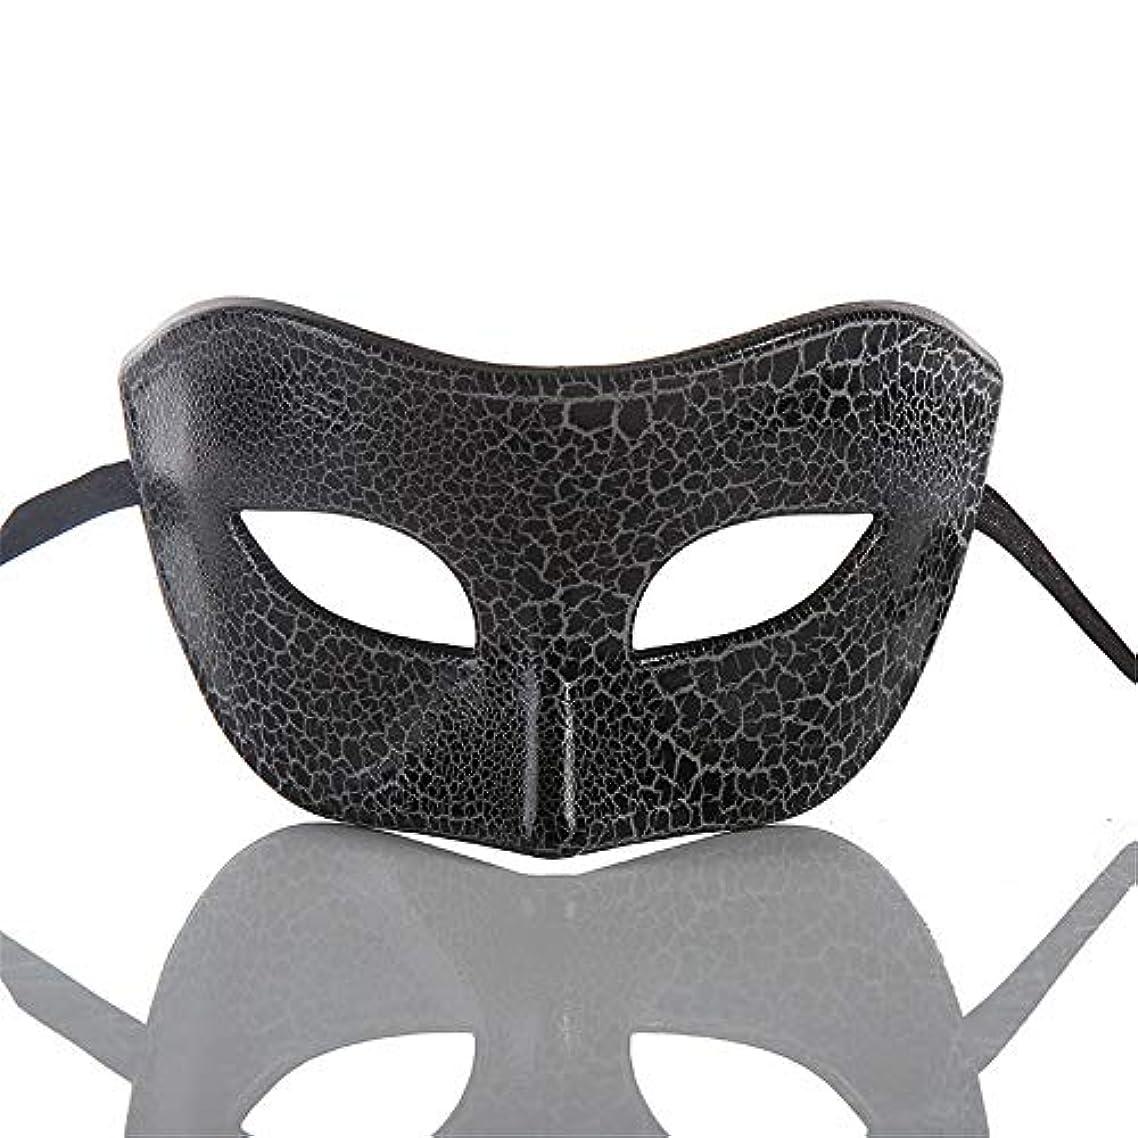 あたたかいドック外観ダンスマスク ハーフマスク新しいハロウィーンマスク仮装レトロコスプレメイクナイトクラブマスク雰囲気クリスマスお祝いプラスチックマスク ホリデーパーティー用品 (色 : ブラック, サイズ : 16.5x8cm)